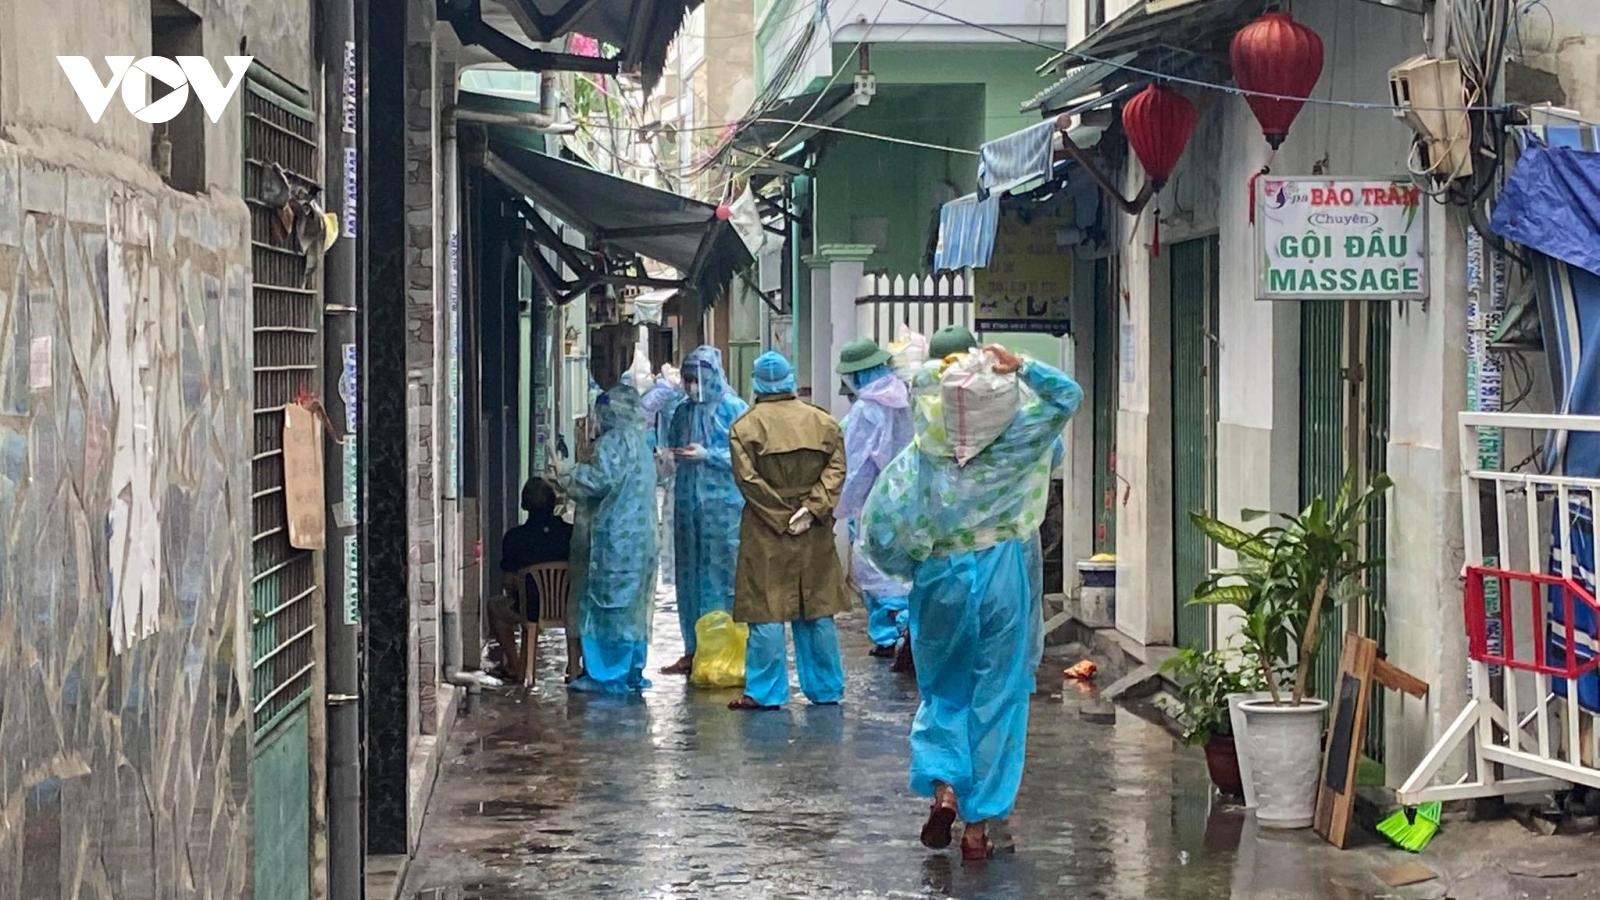 Đà Nẵng xét nghiệm người dân vùng đỏ khi đi sơ tán tránh bão